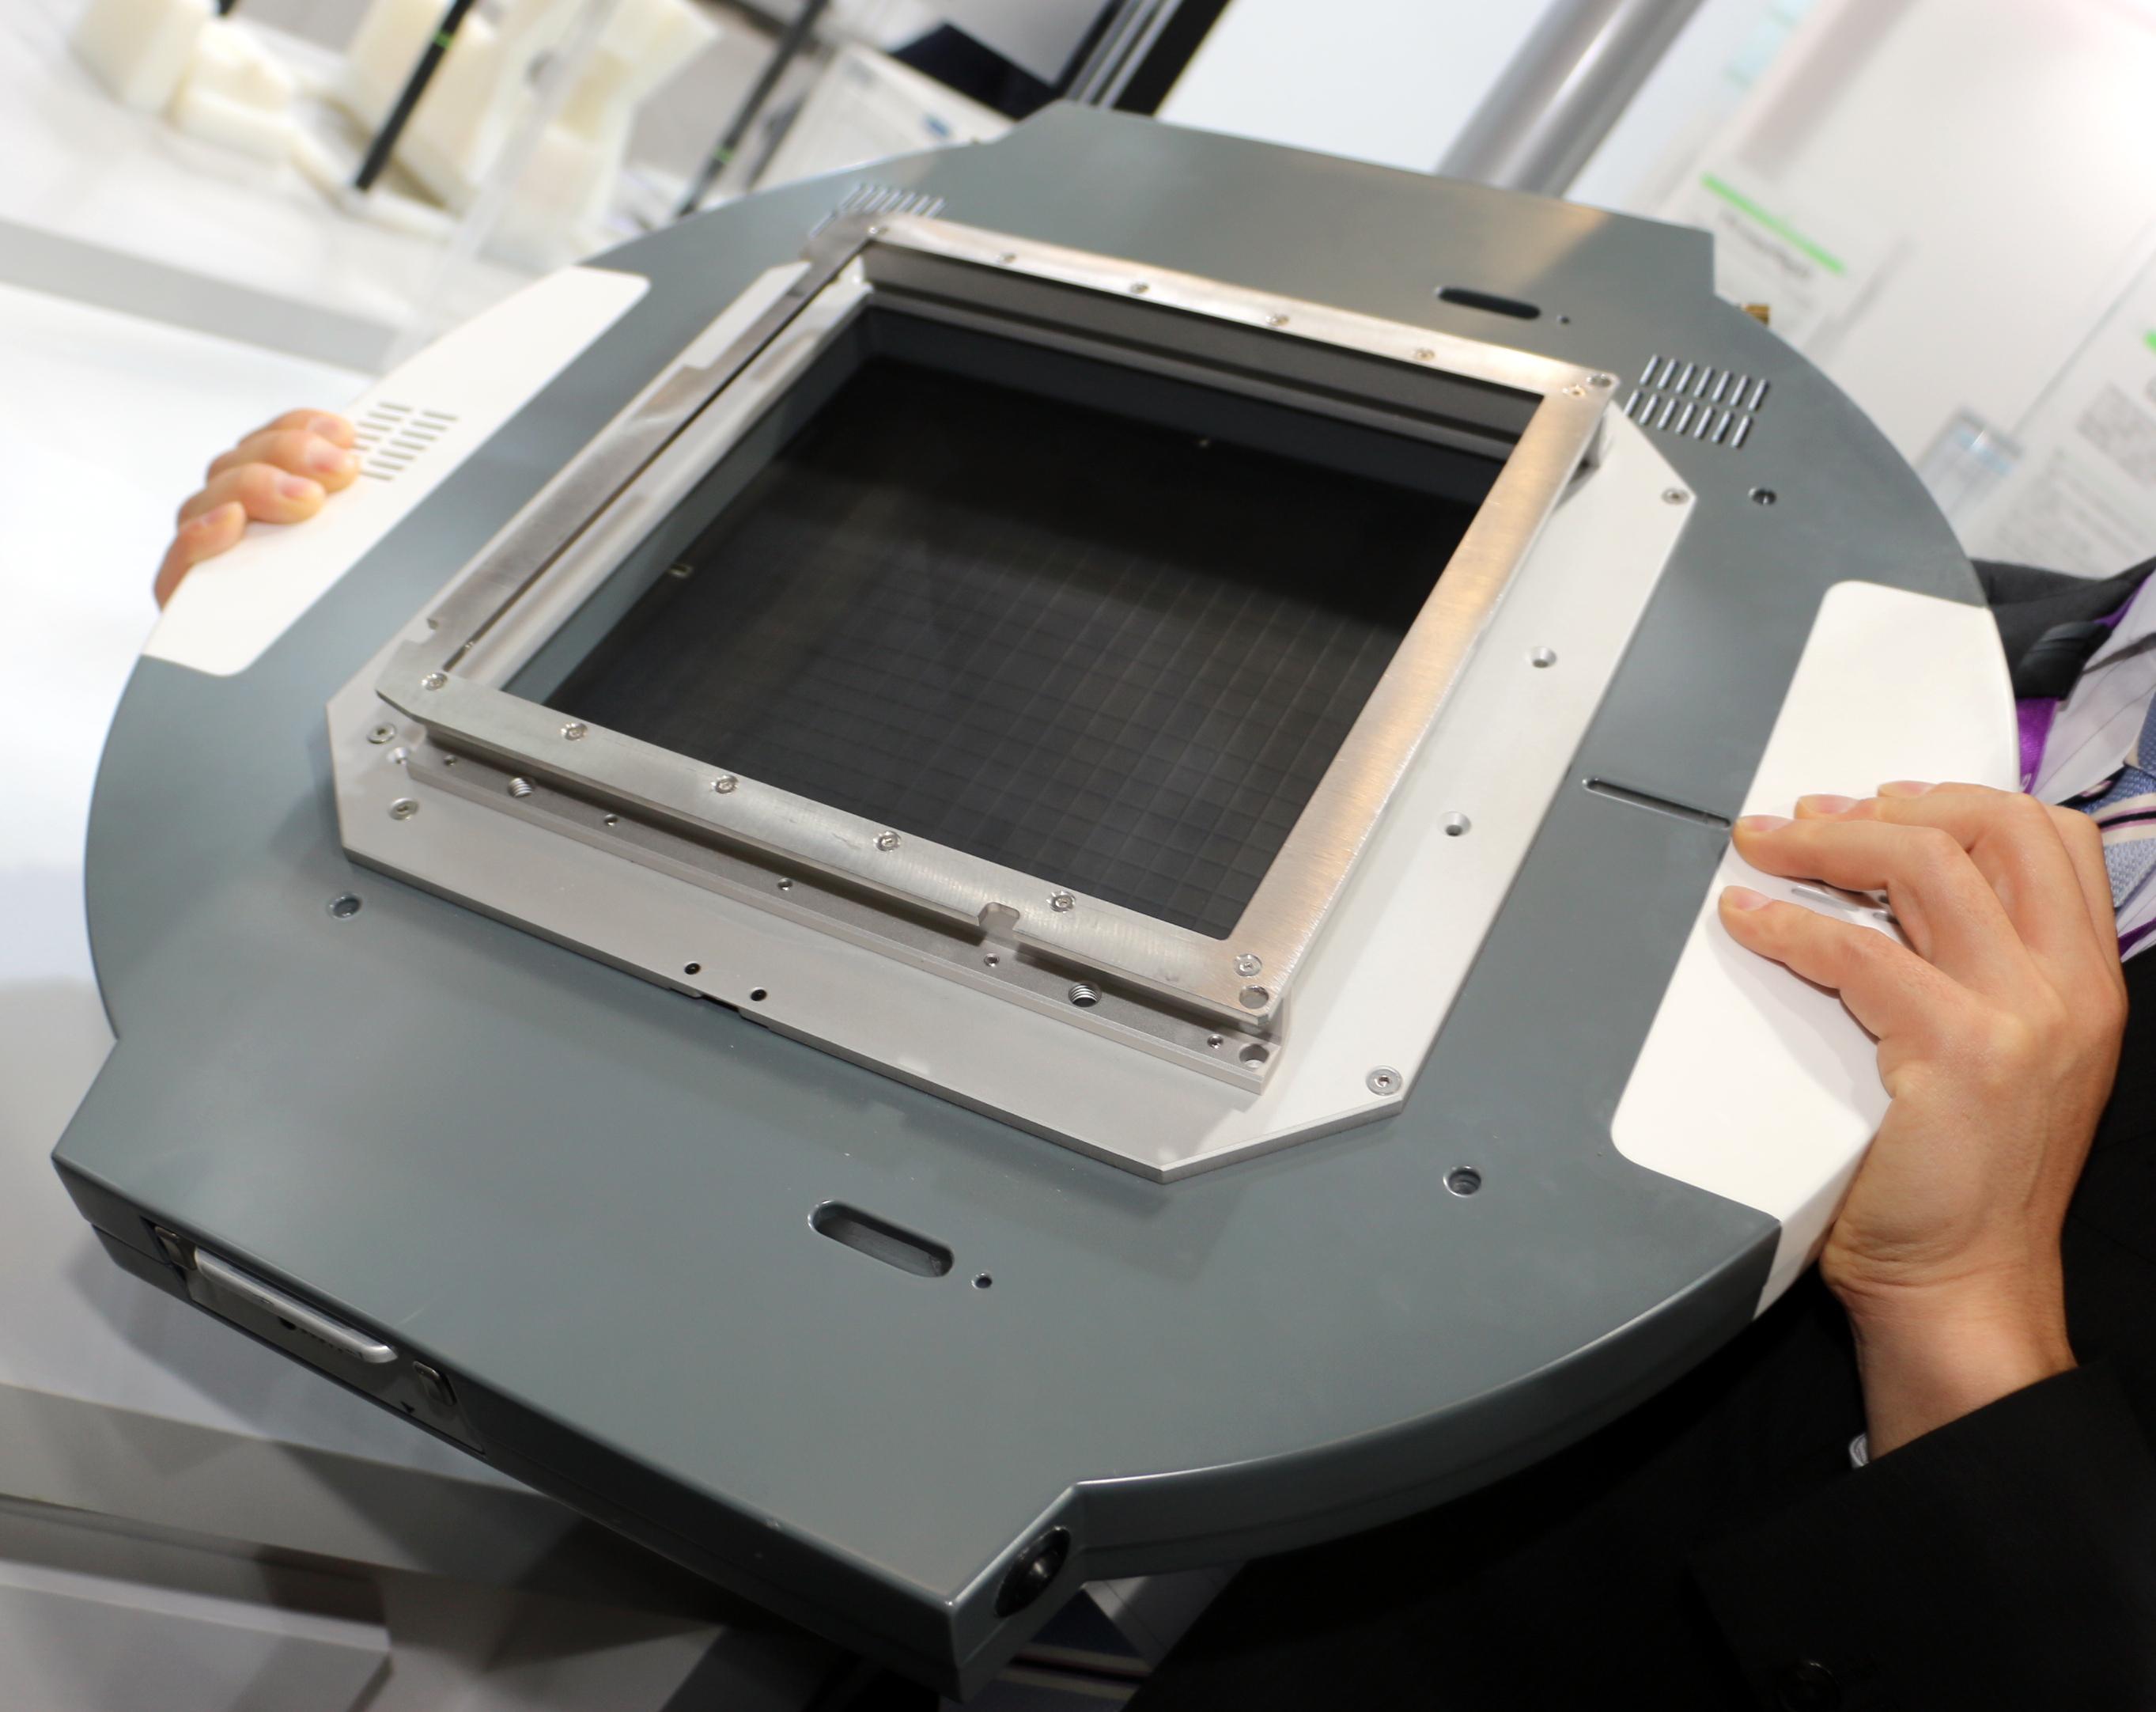 背面。実際には付属のパーツがあり、ガントリに簡単に固定することができる。※写真はプロトタイプ